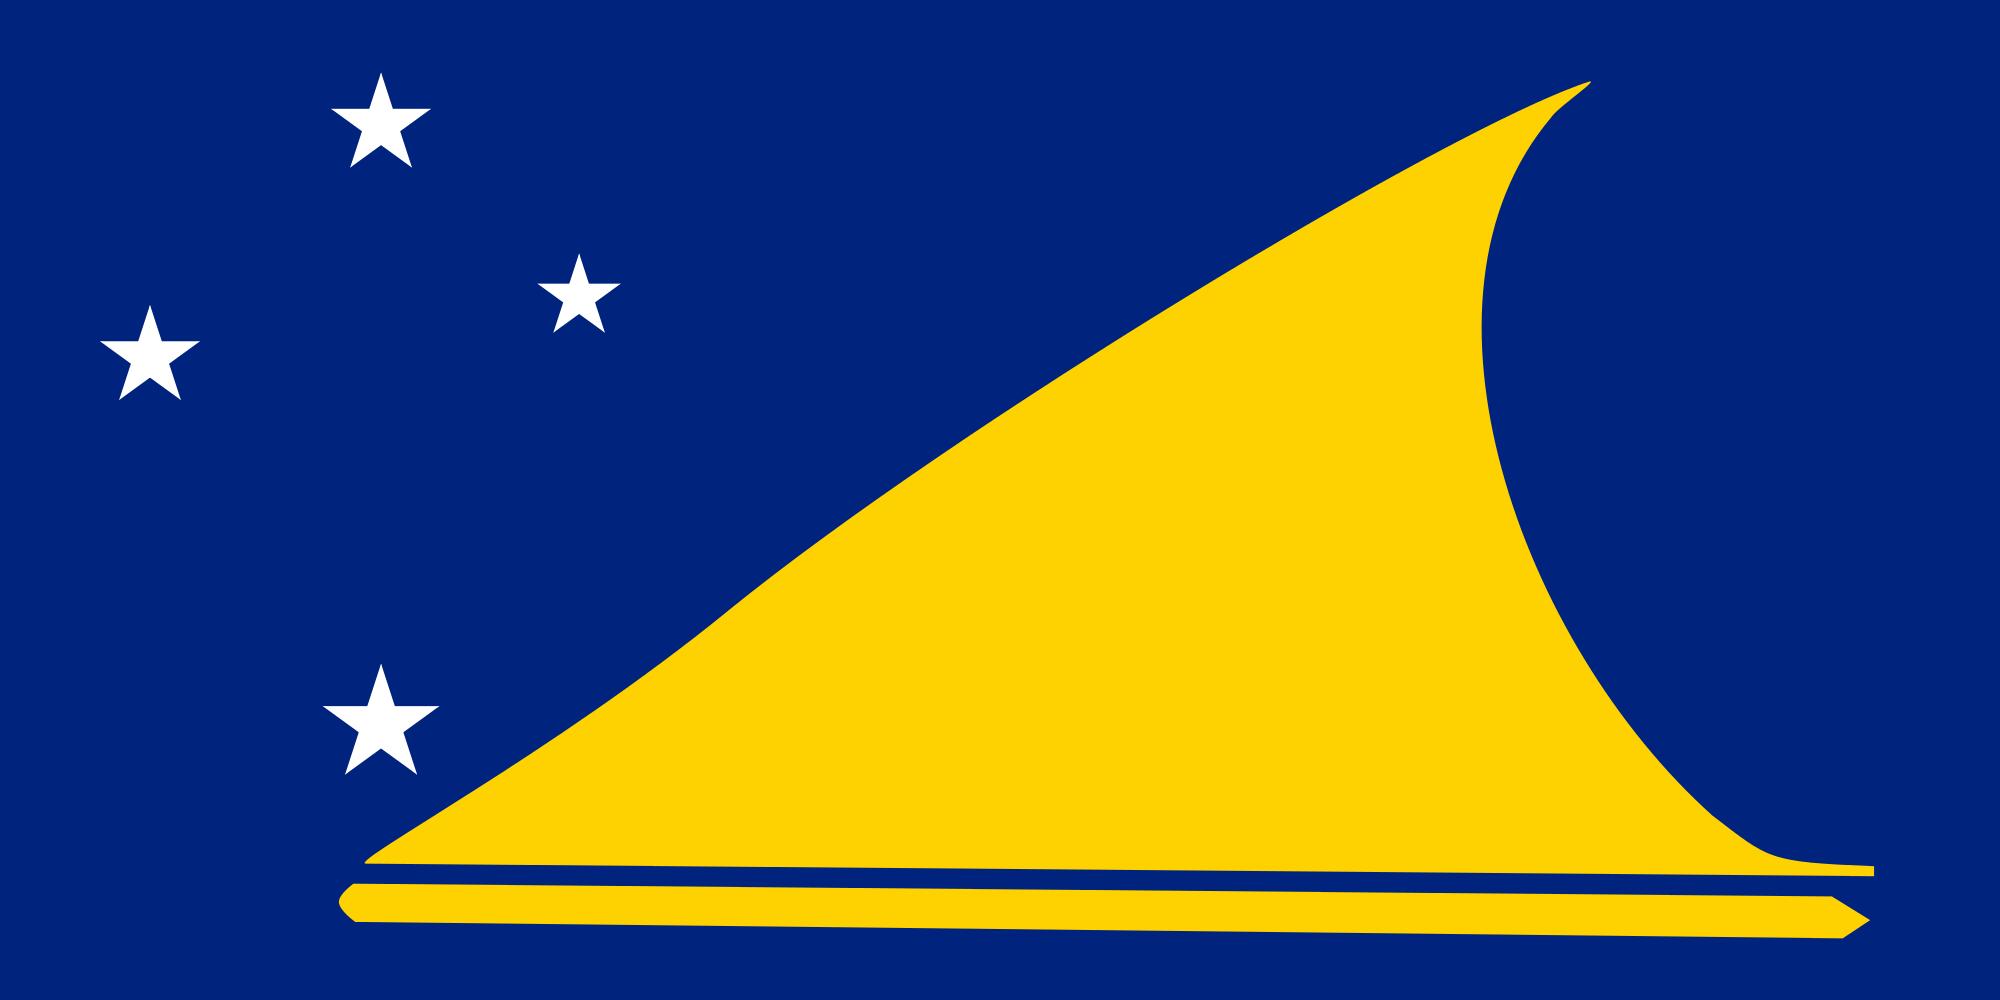 tokelau, país, emblema, insignia, σύμβολο - Wallpapers HD - Professor-falken.com